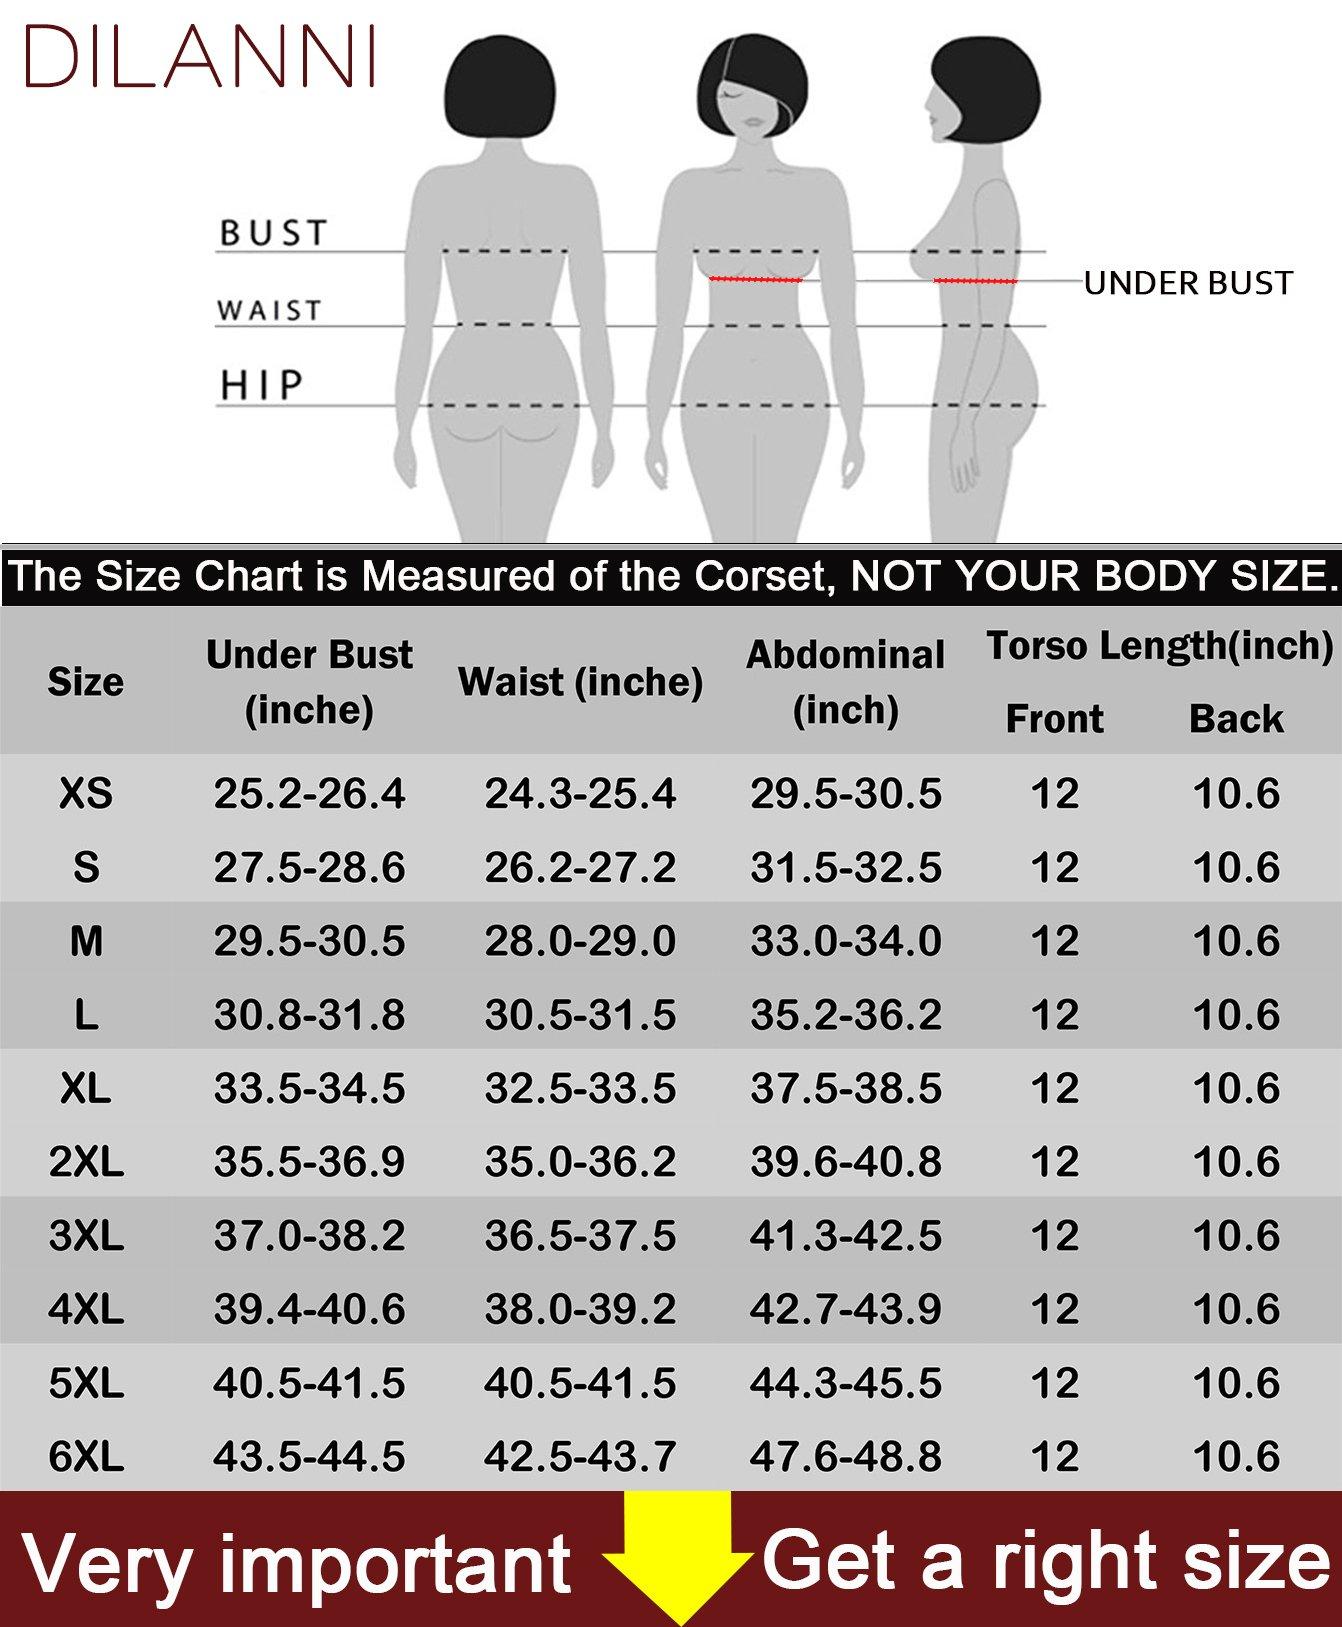 7584950f3 DILANNI Women s Underbust Latex Corset Body Girdle Waist Trainer Cincher  Shapewear Blue 2XL - LYSB01ELJFEM4-SPRTSEQIP   Waist Cinchers   Clothing